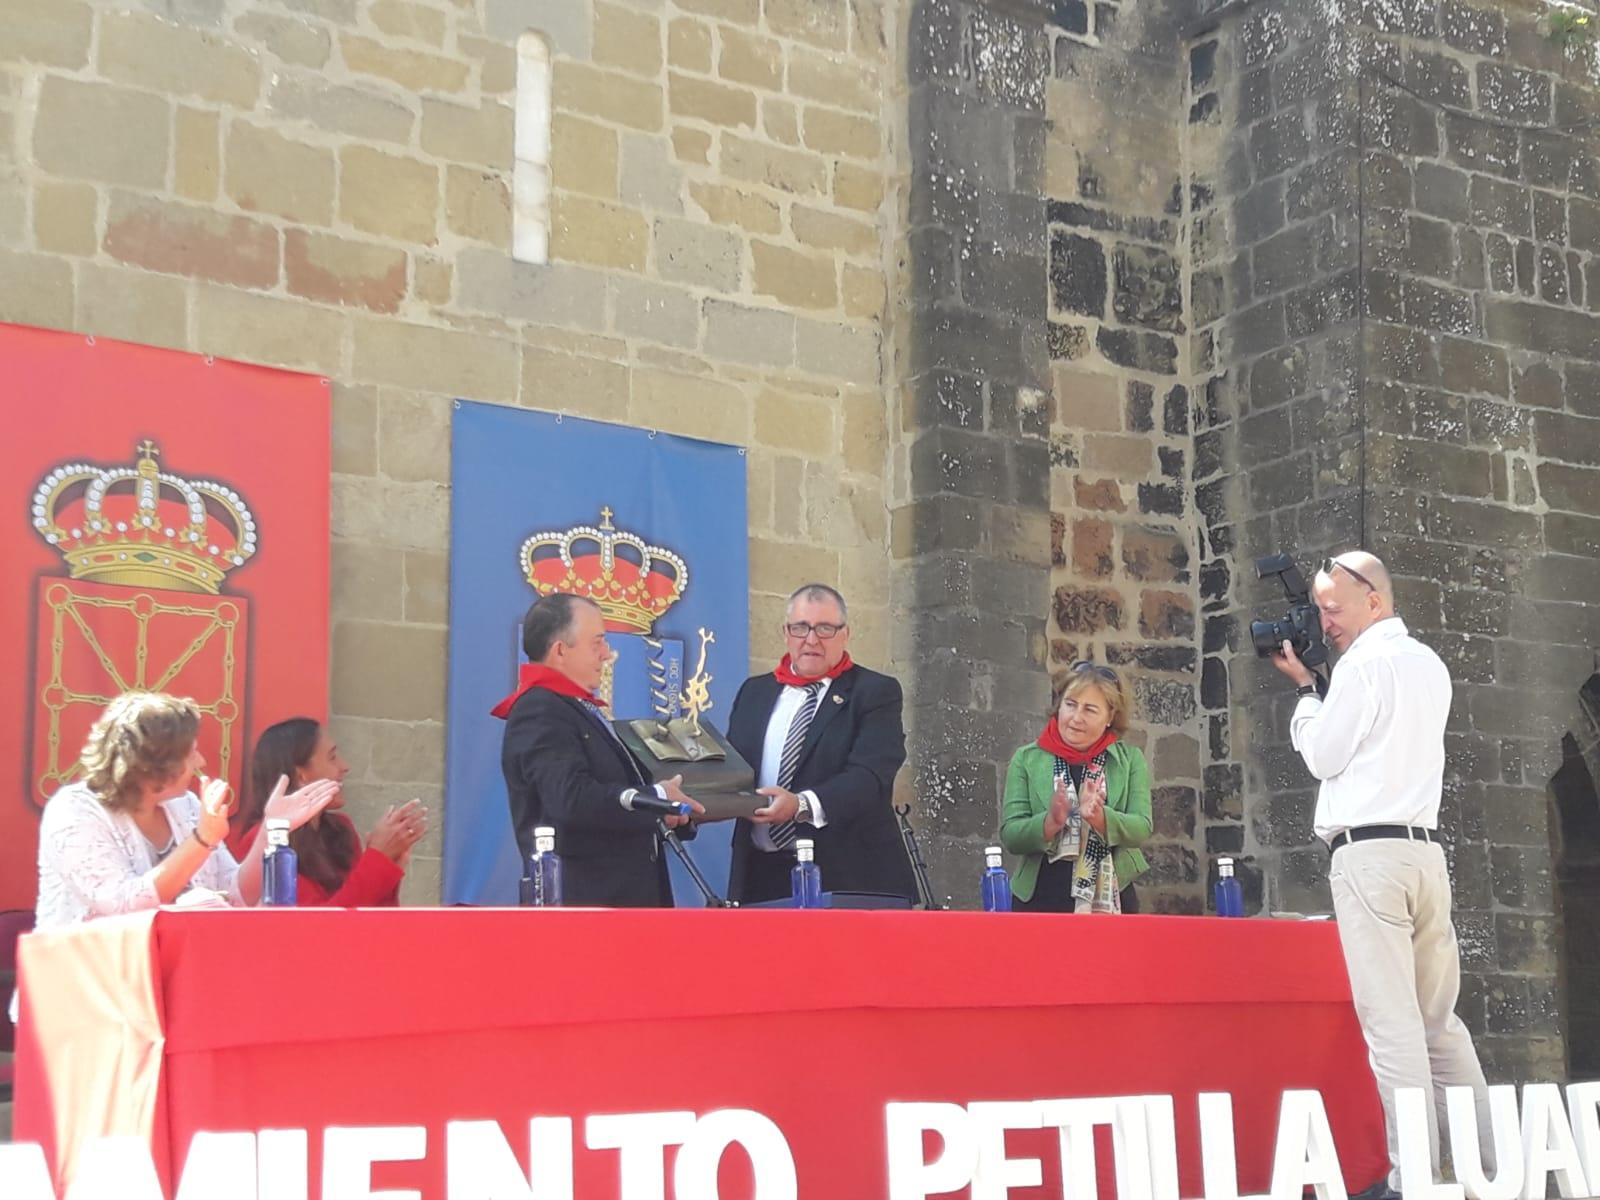 Petilla de Aragonek eta Luarcak Nobel Hirien senidetzea izenpetu dute